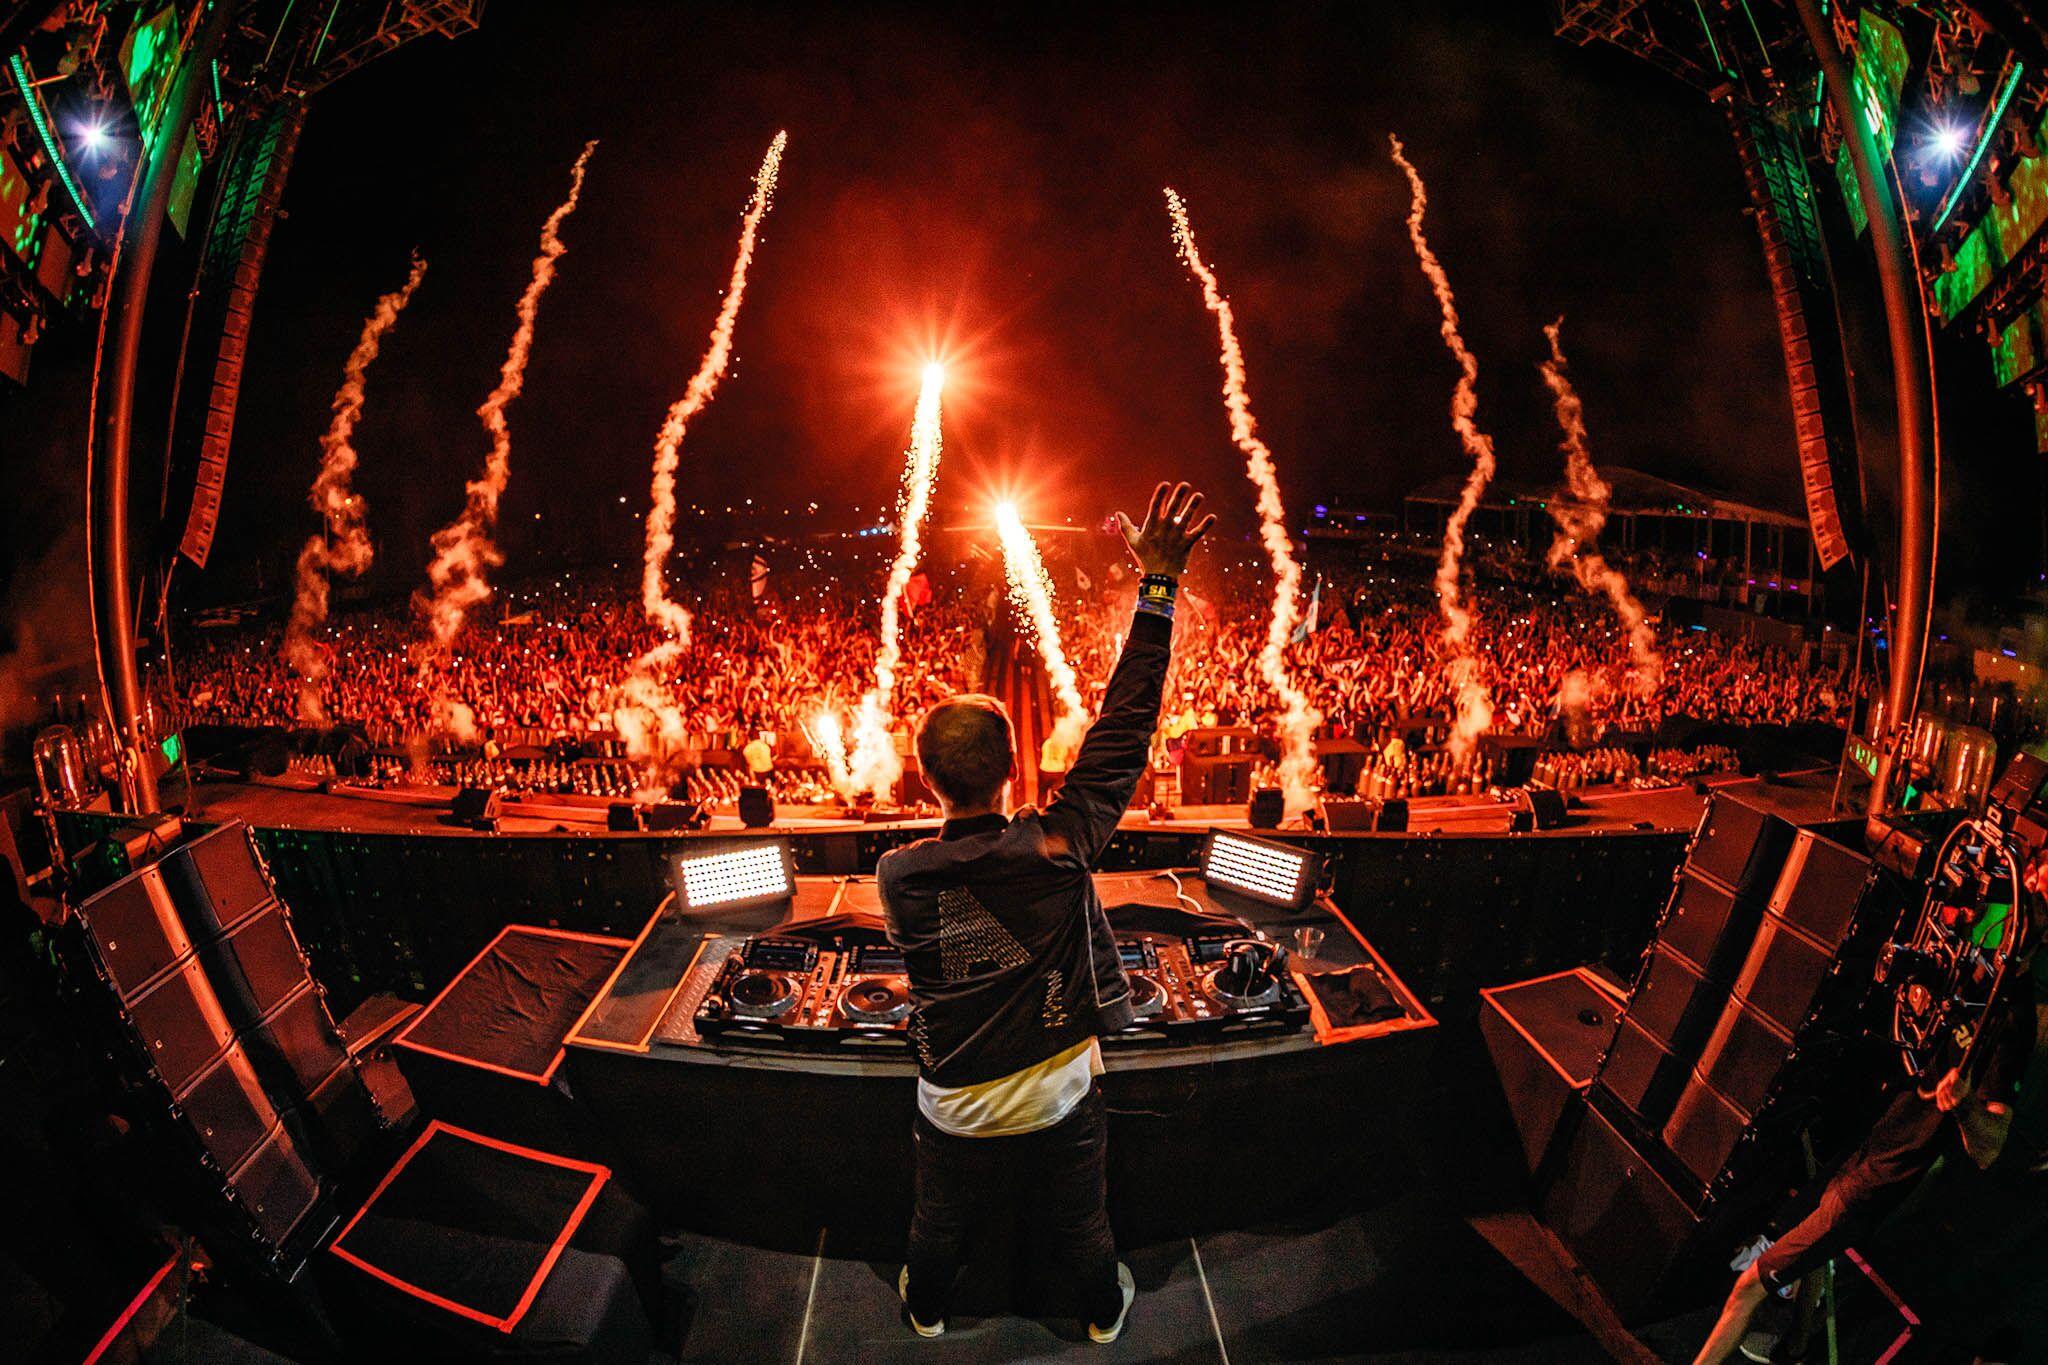 Armin van Buuren Fireworks